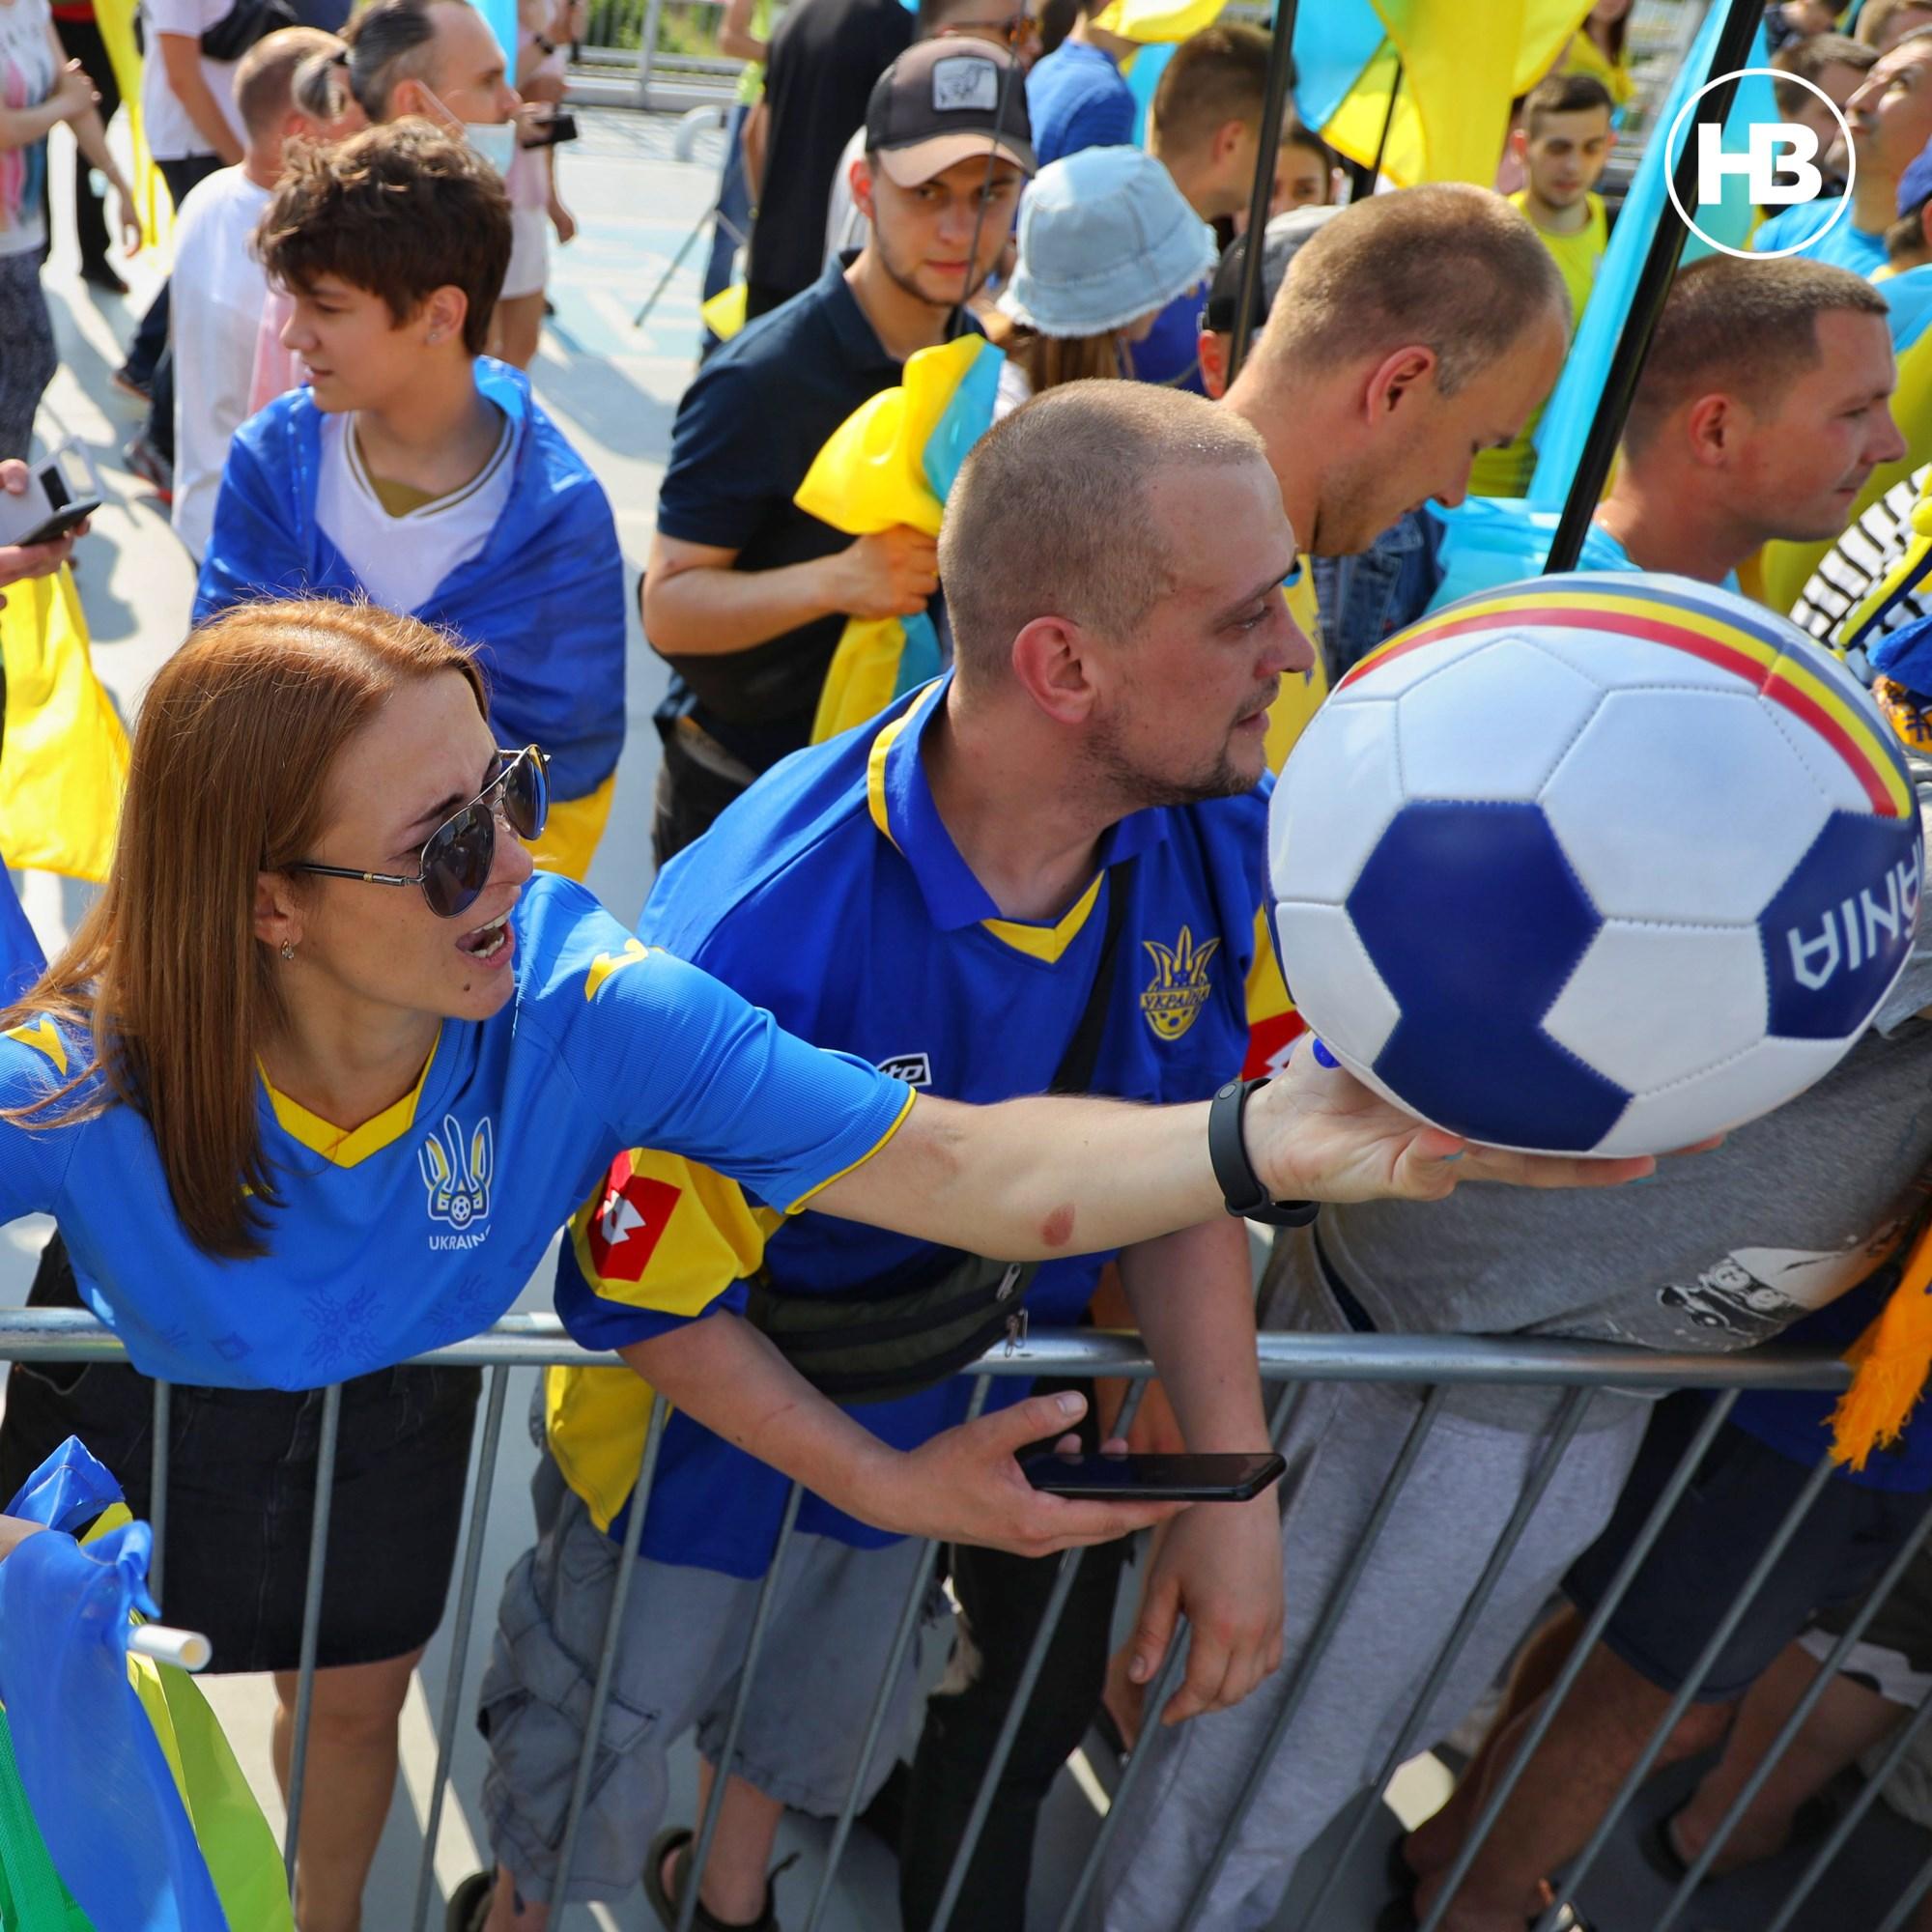 Збірну України зустрічають у 1Борисполі після гри у чвертьфіналі Євро-2020